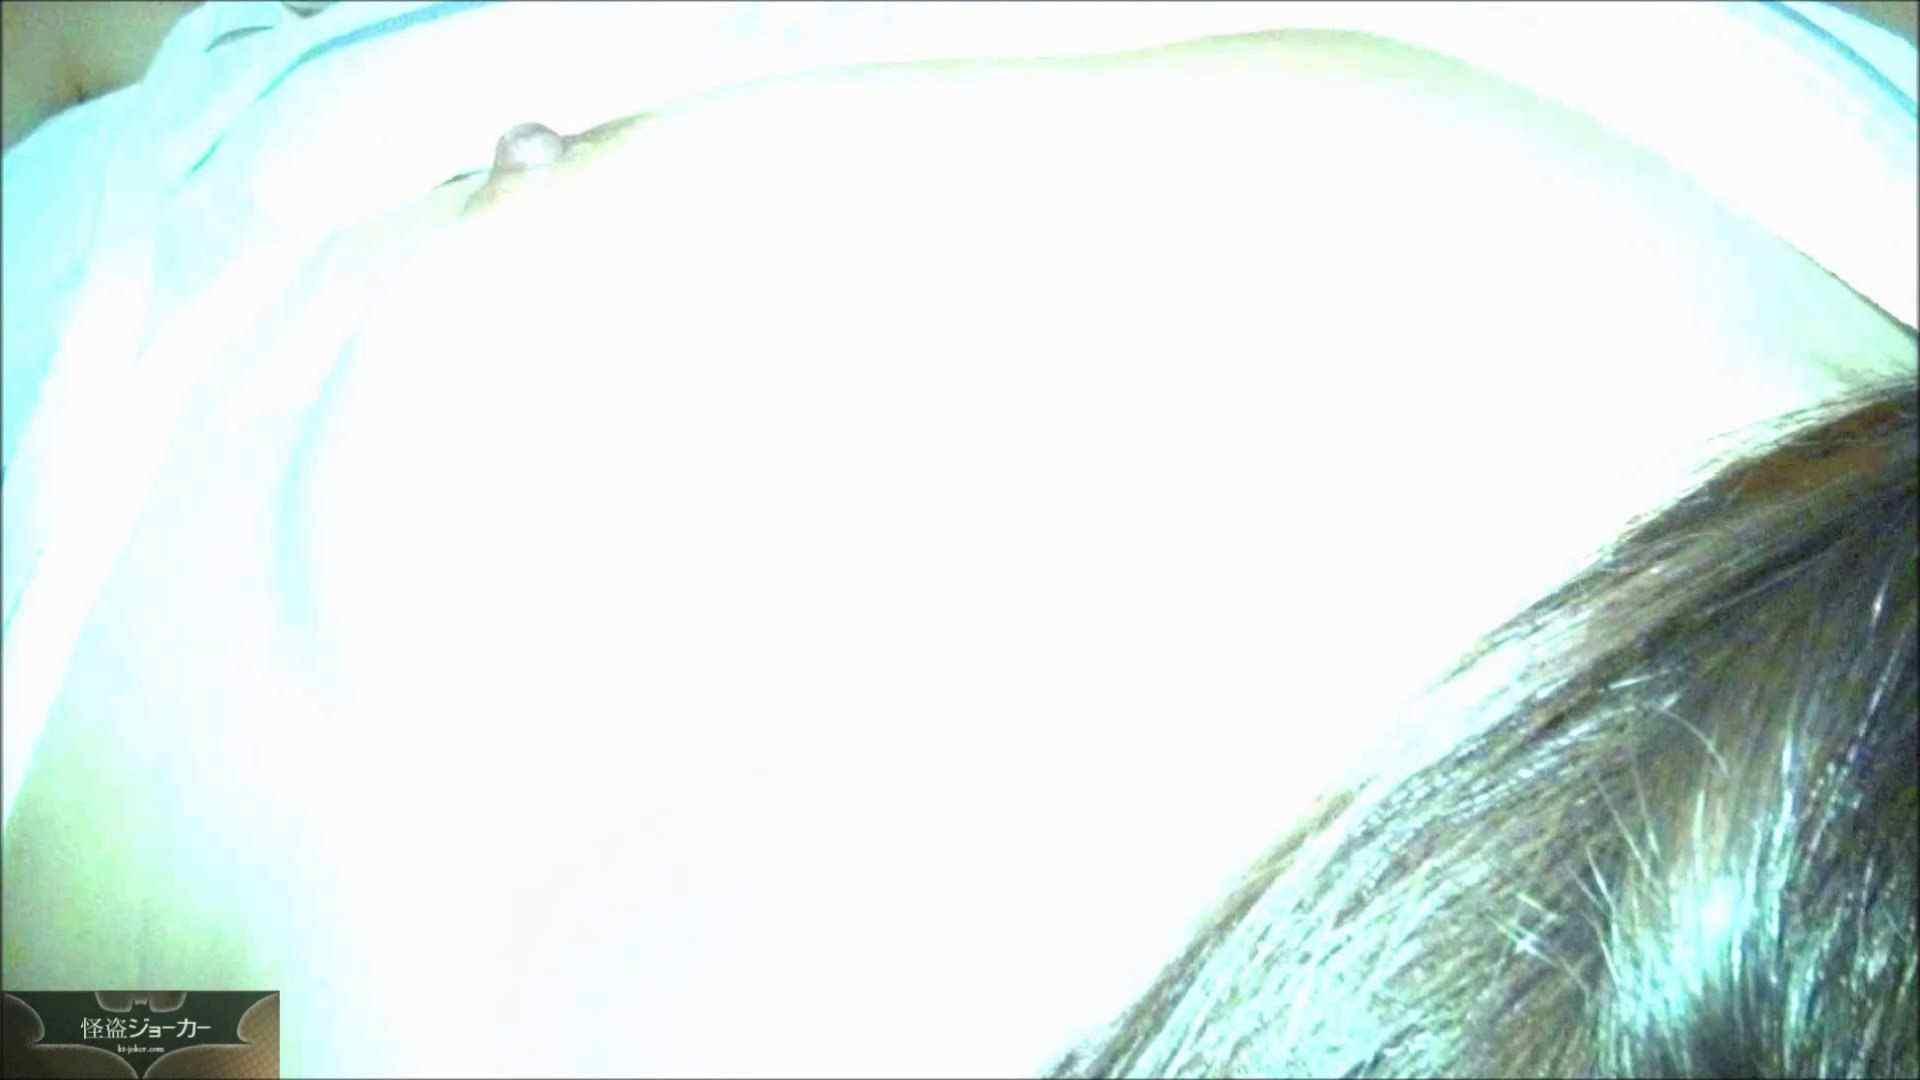 【未公開】vol.78 {関東某有名お嬢様JD}yuunaちゃん② ホテルで絶頂 オマンコ無修正動画無料 49画像 34